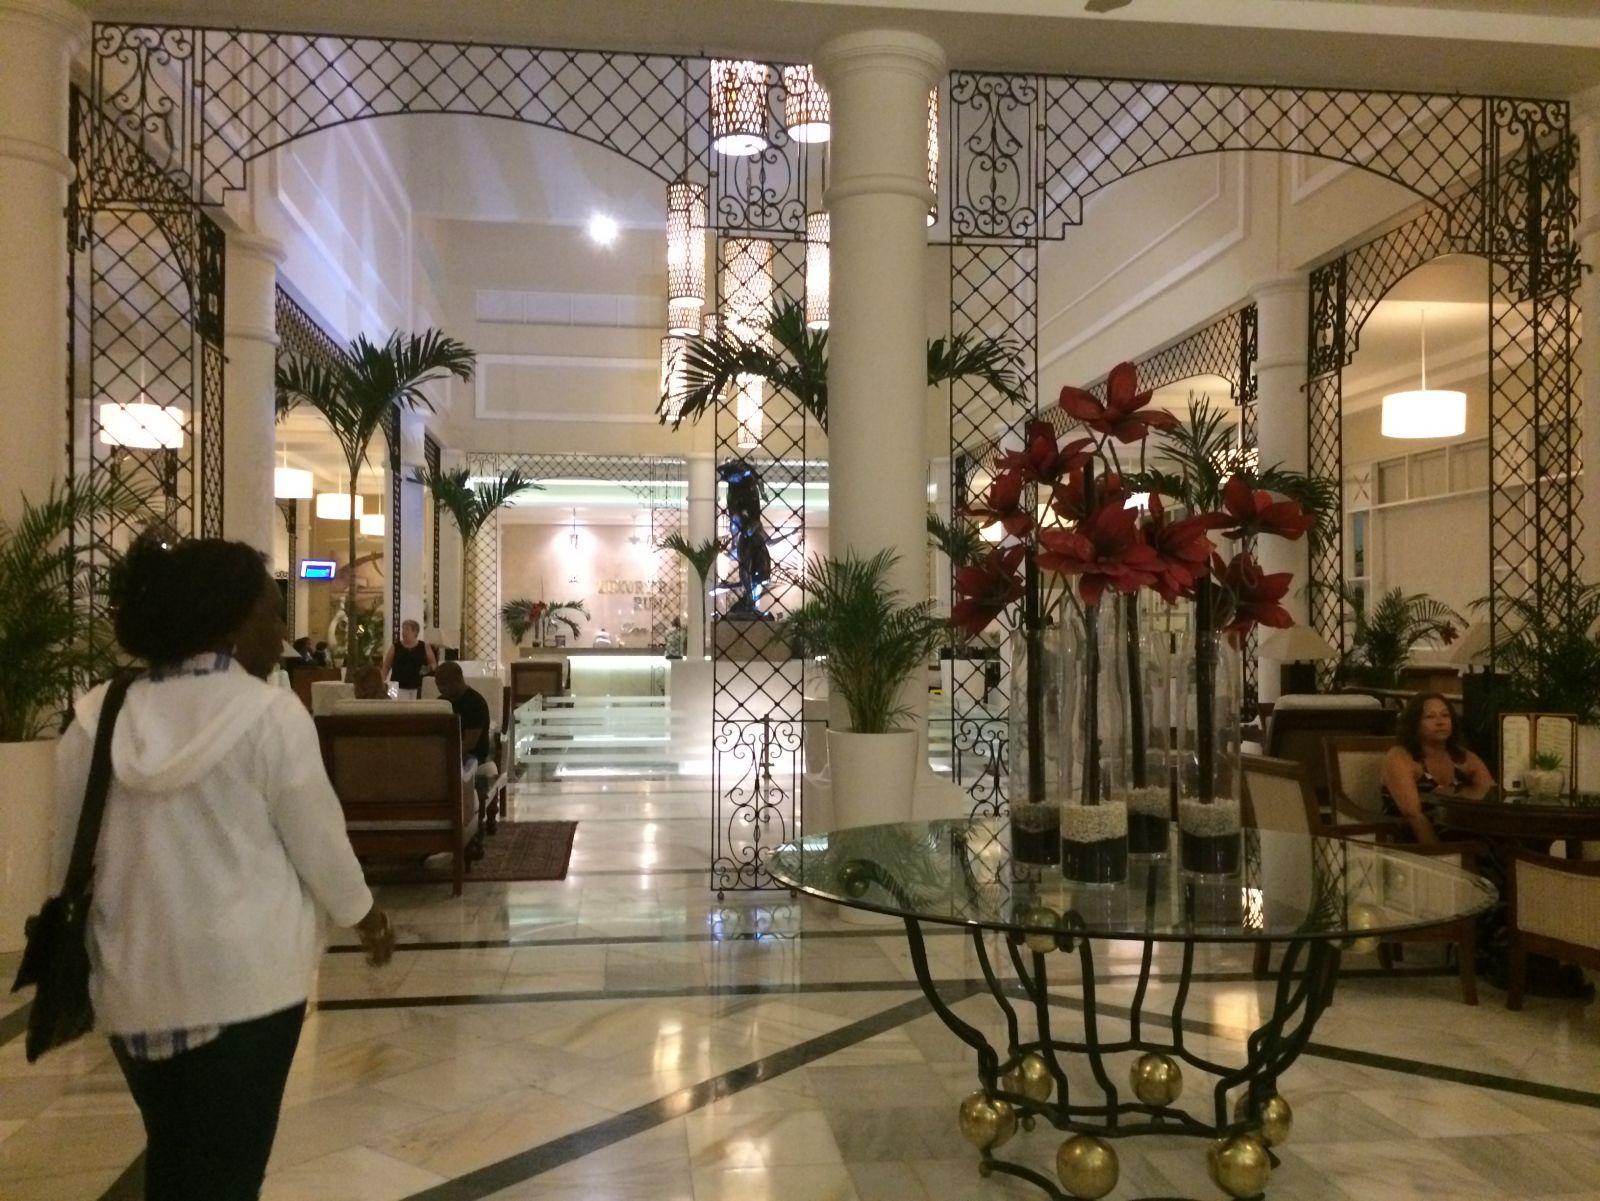 Ground floor of GBP Luxury